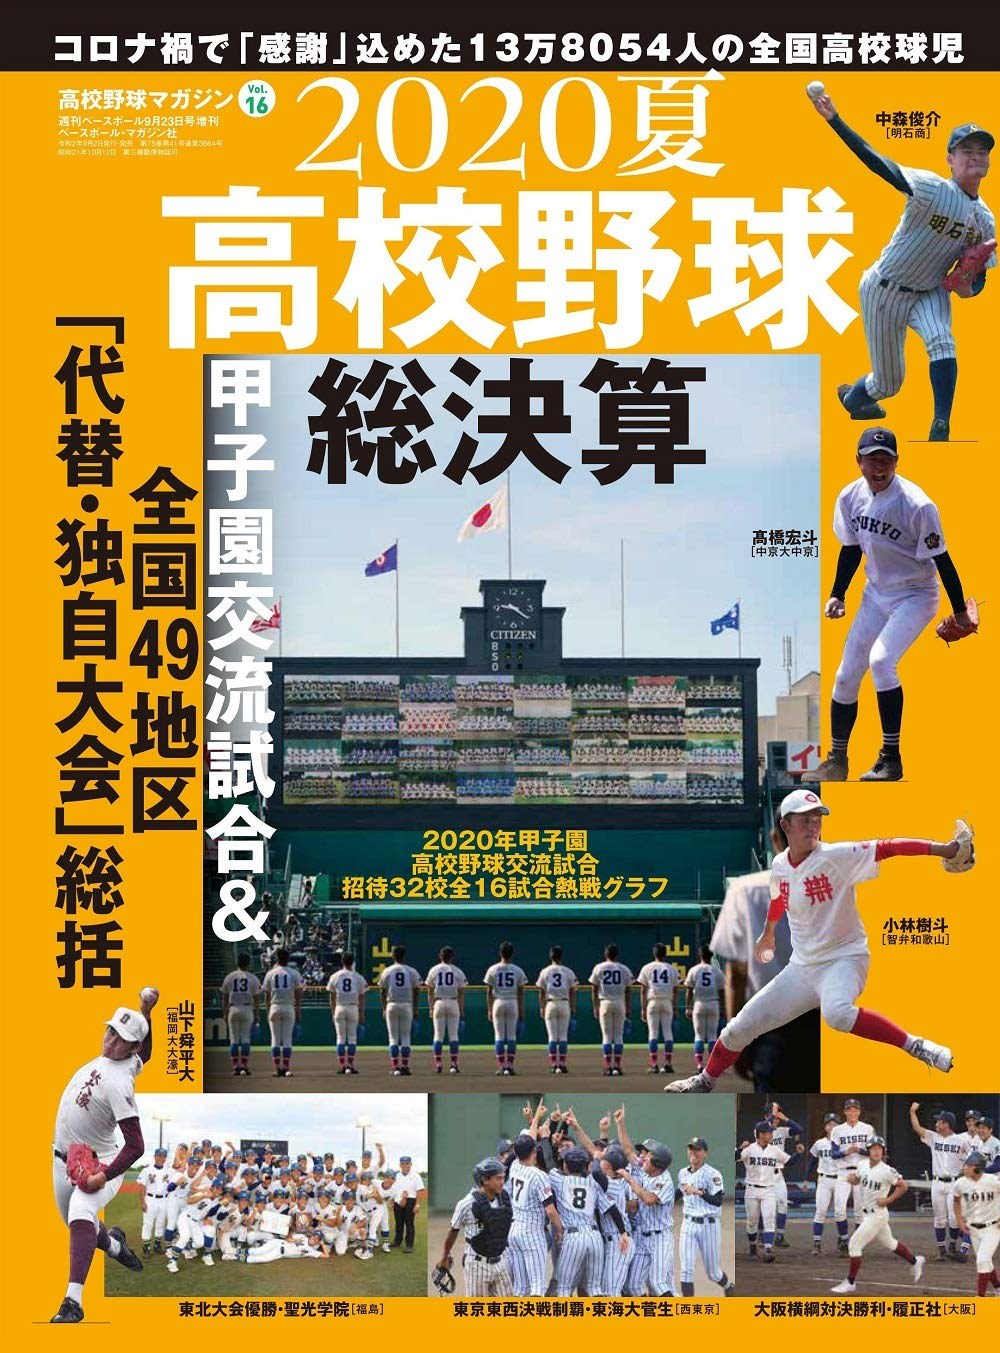 野球 高校 大阪 2020 大会